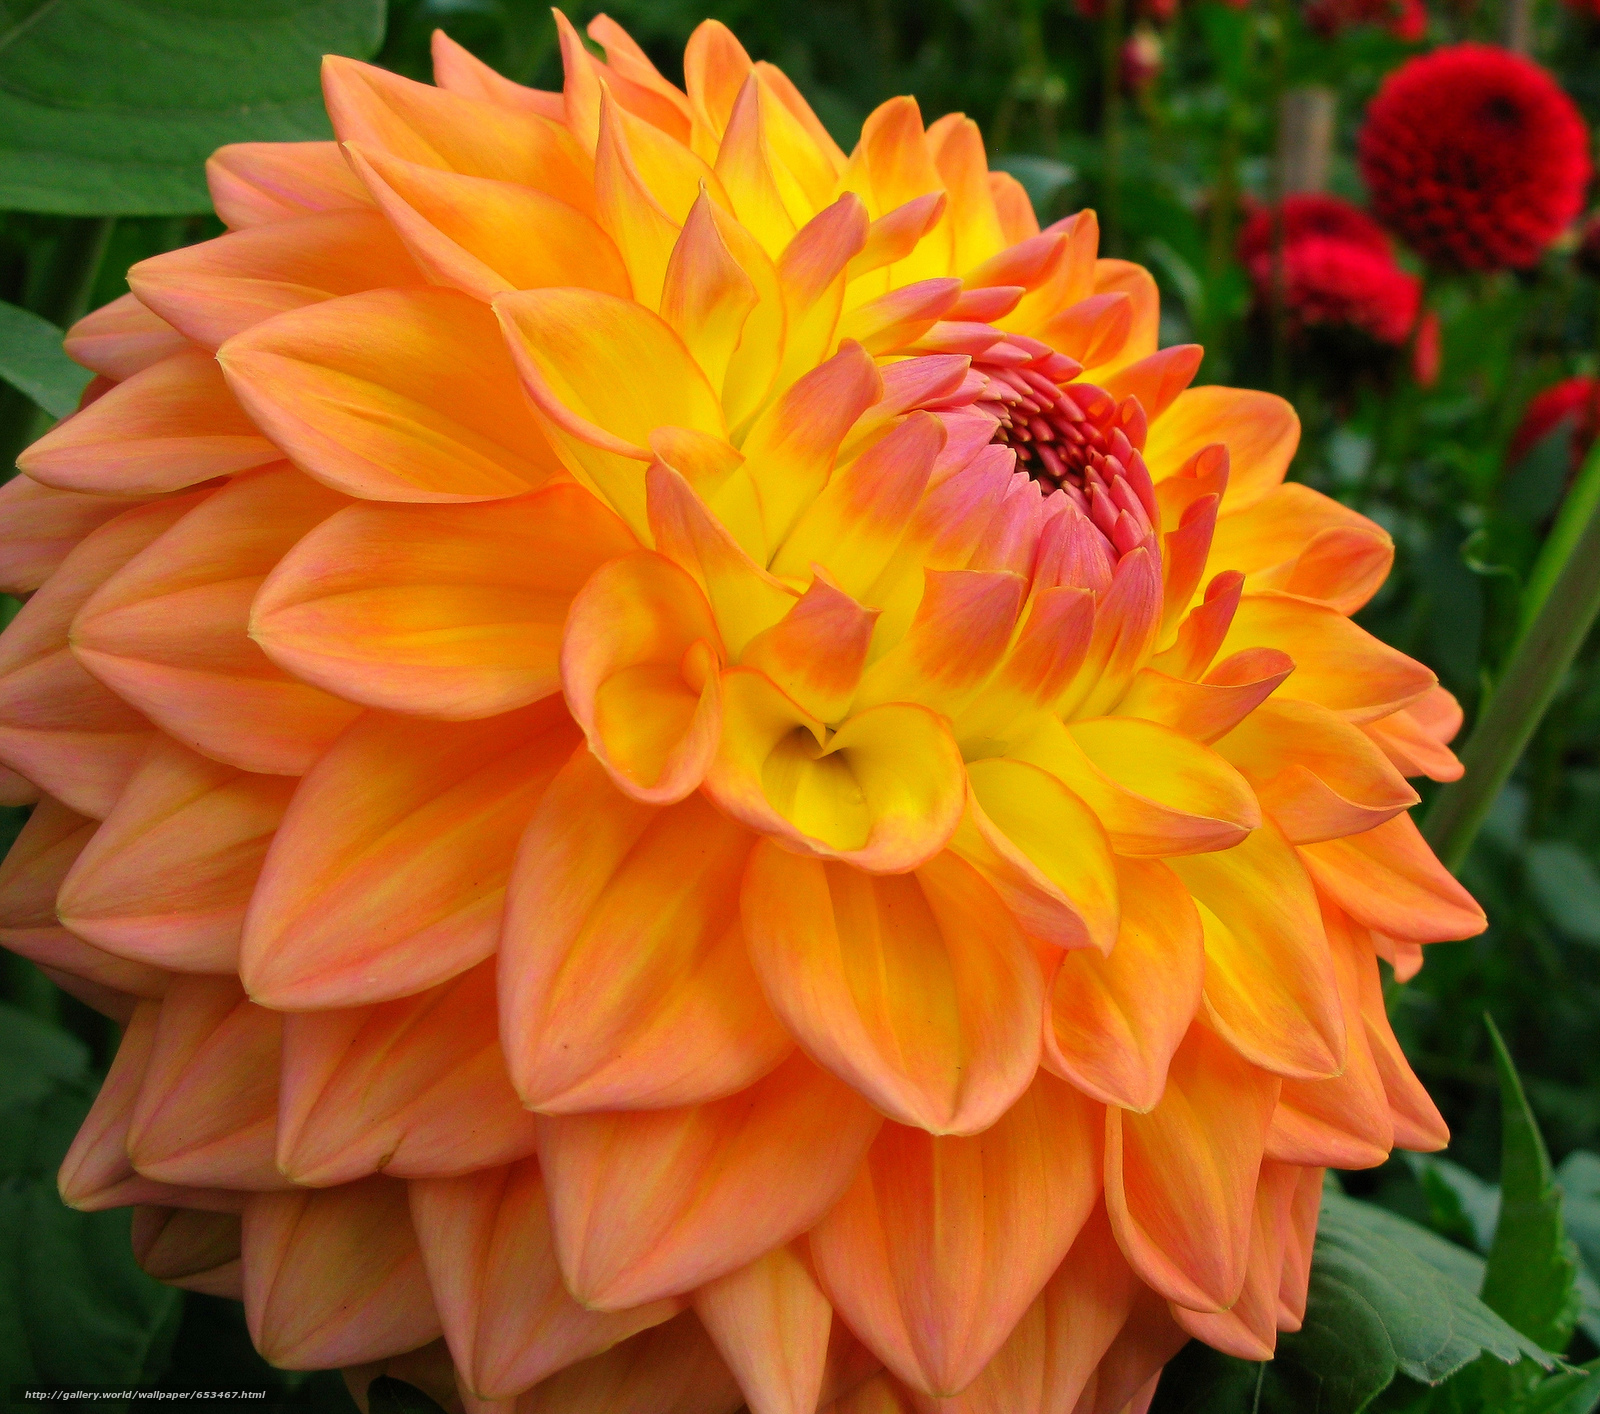 Скачать обои георгин,  цветы,  цветок,  макро бесплатно для рабочего стола в разрешении 2048x1810 — картинка №653467